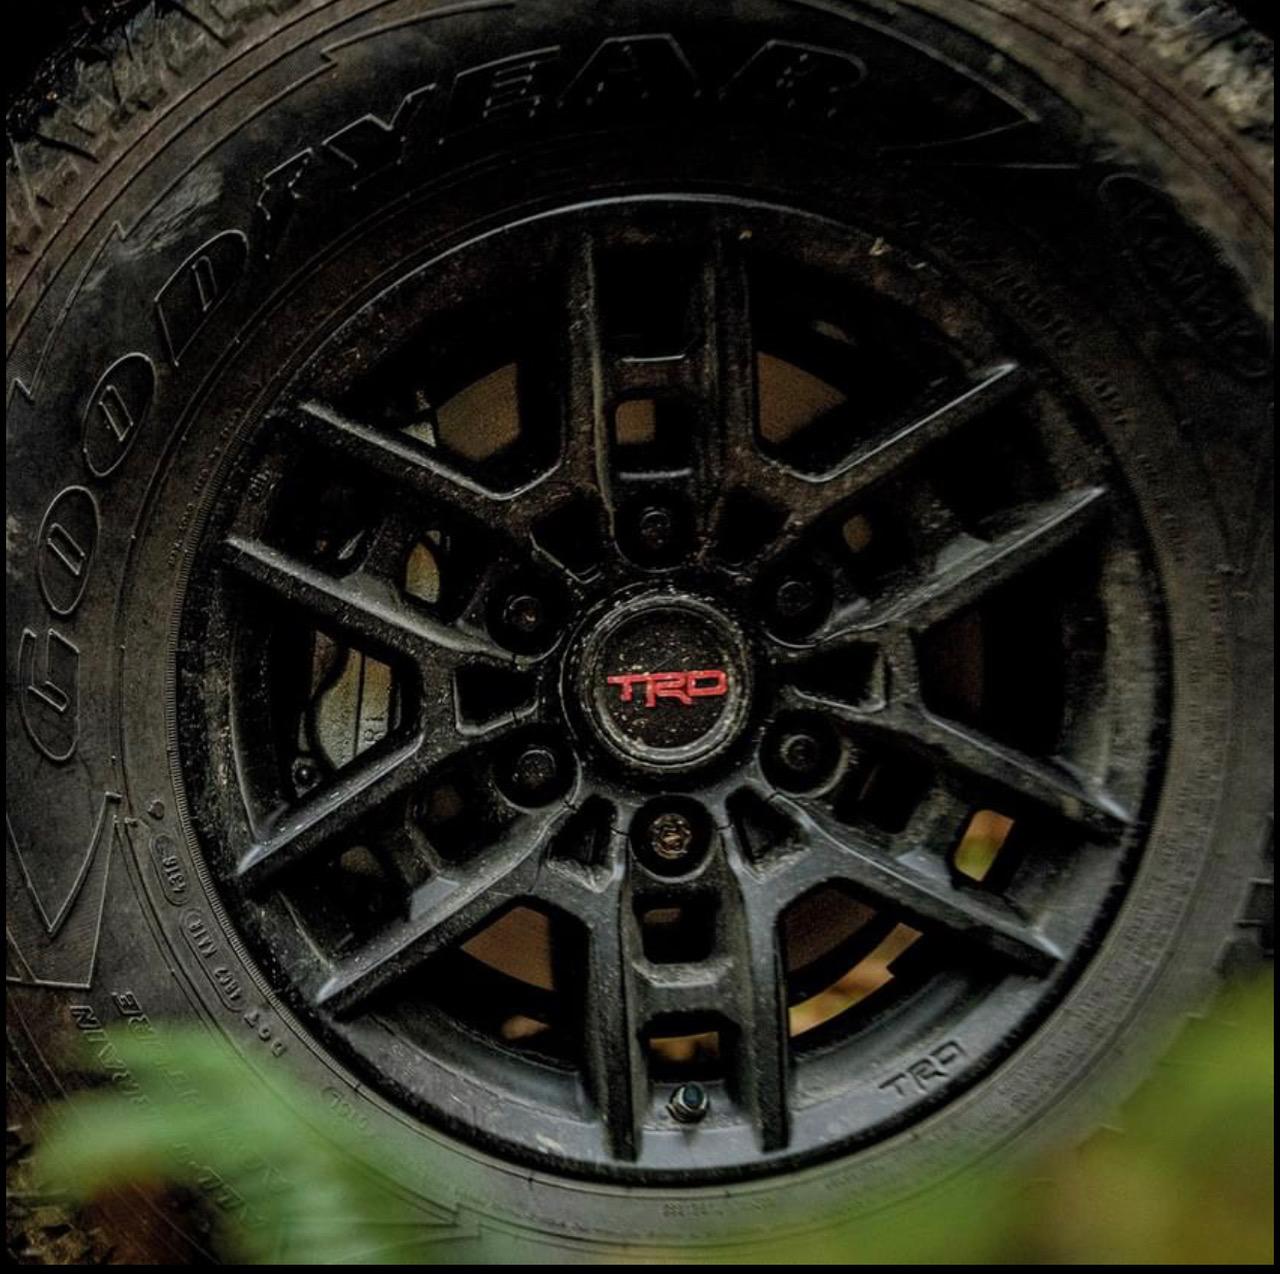 TRD wheel.jpg